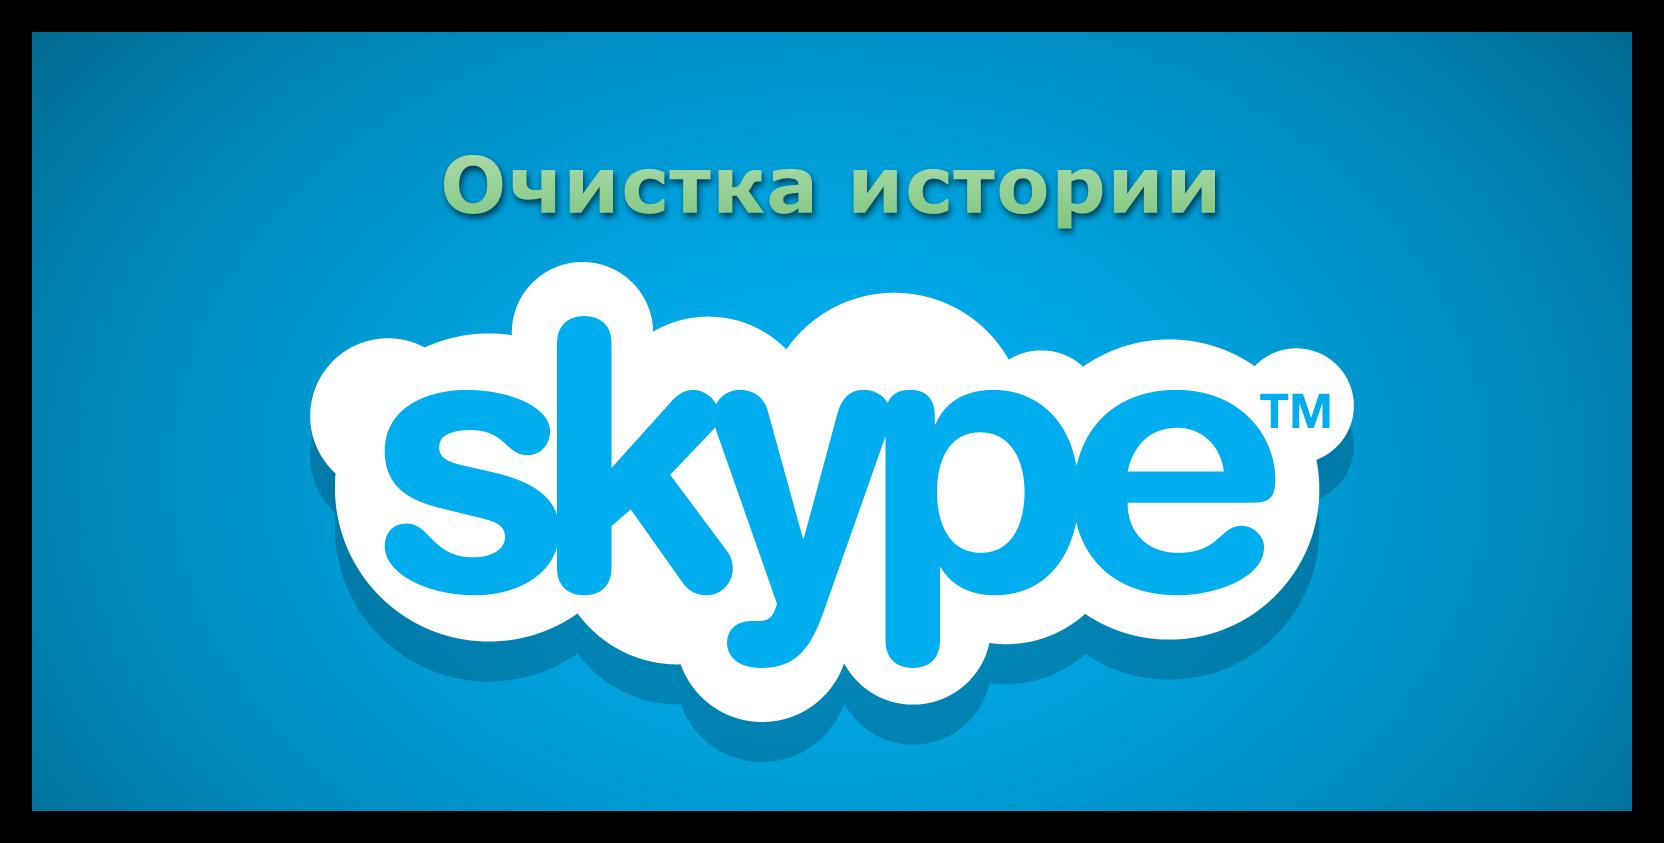 Картинка Очистка истории Skype